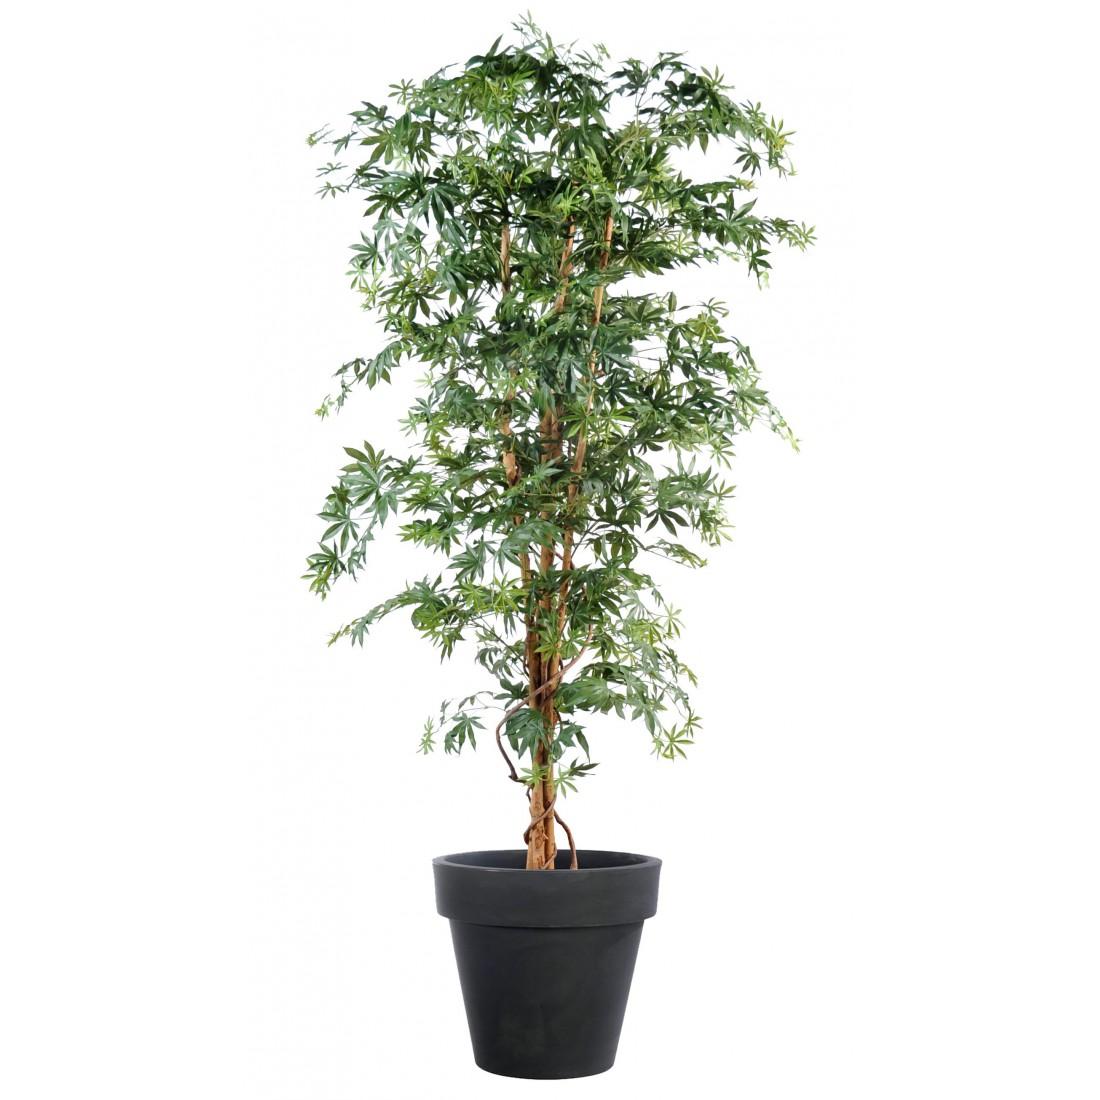 aralia artificiel de luxe erable 150 210 cm autres arbres reflets nature lyon. Black Bedroom Furniture Sets. Home Design Ideas